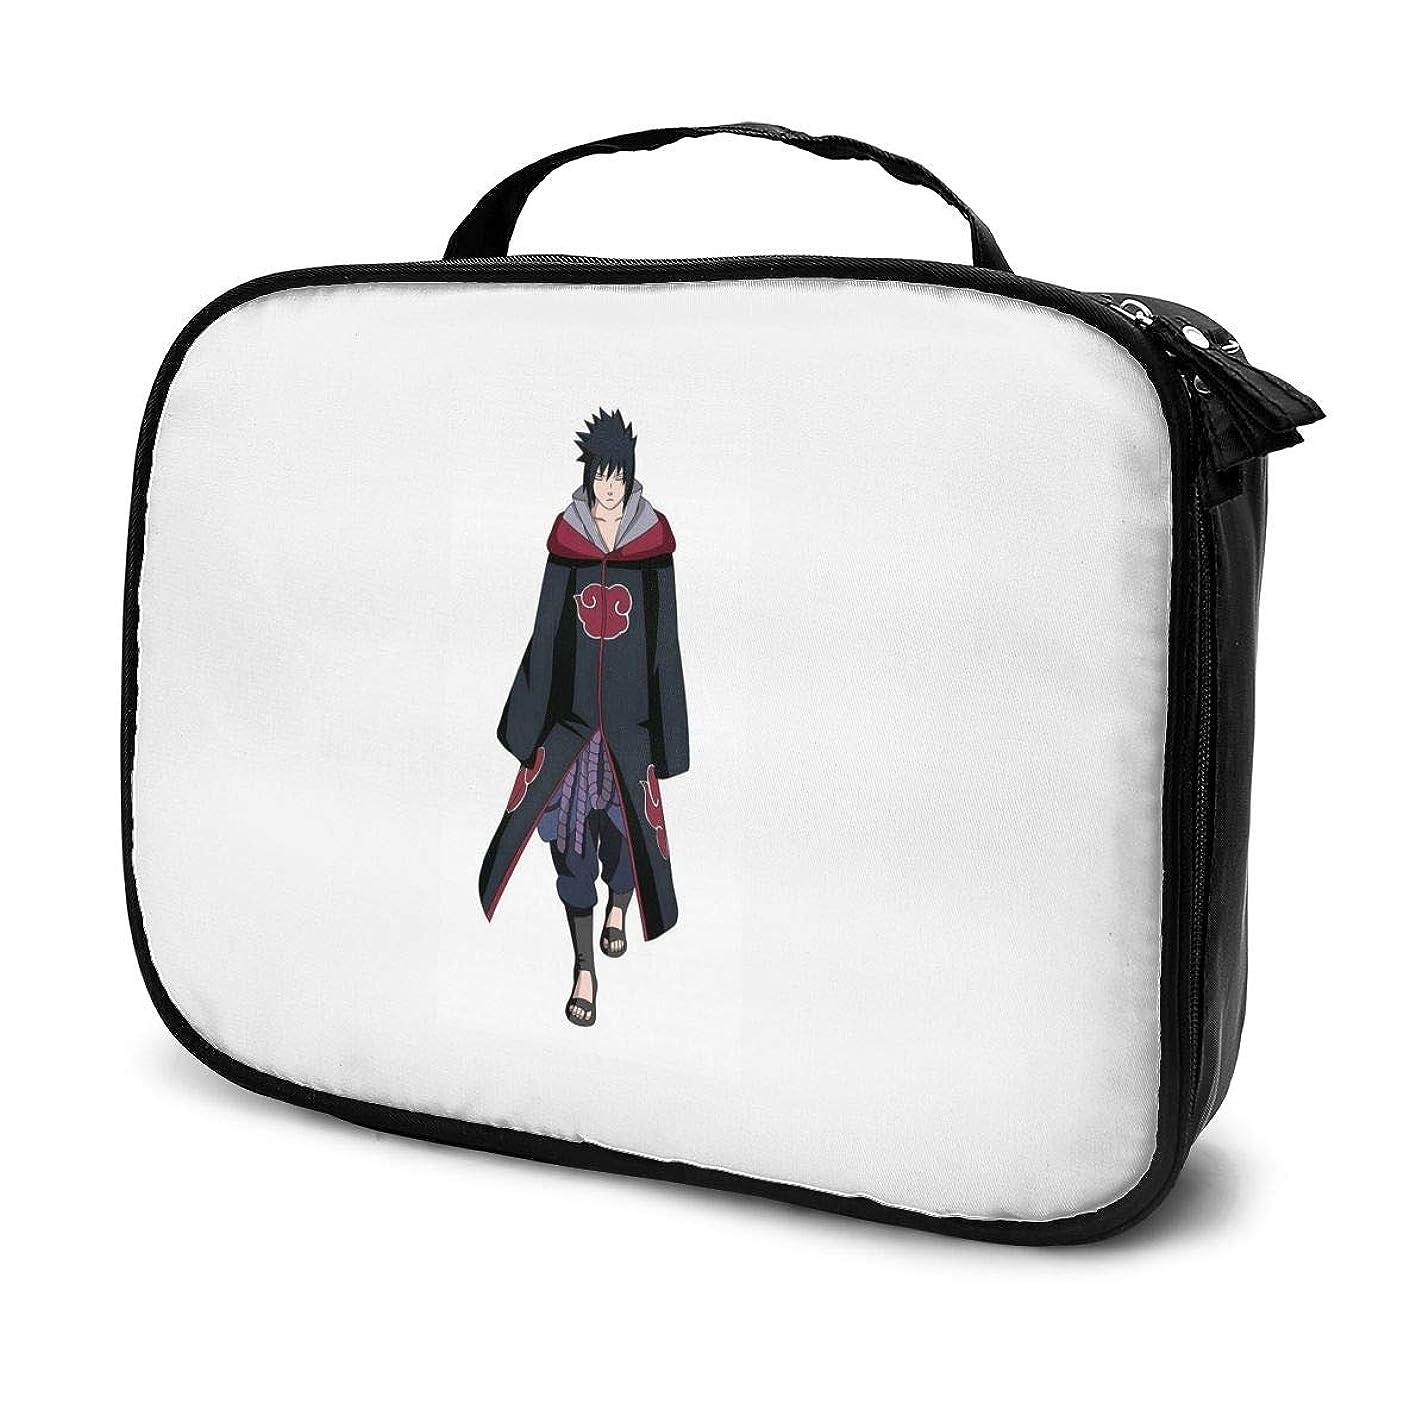 フライカイト代わりの柔らかいDaituうちはサスケ 化粧品袋の女性旅行バッグ収納大容量防水アクセサリー旅行